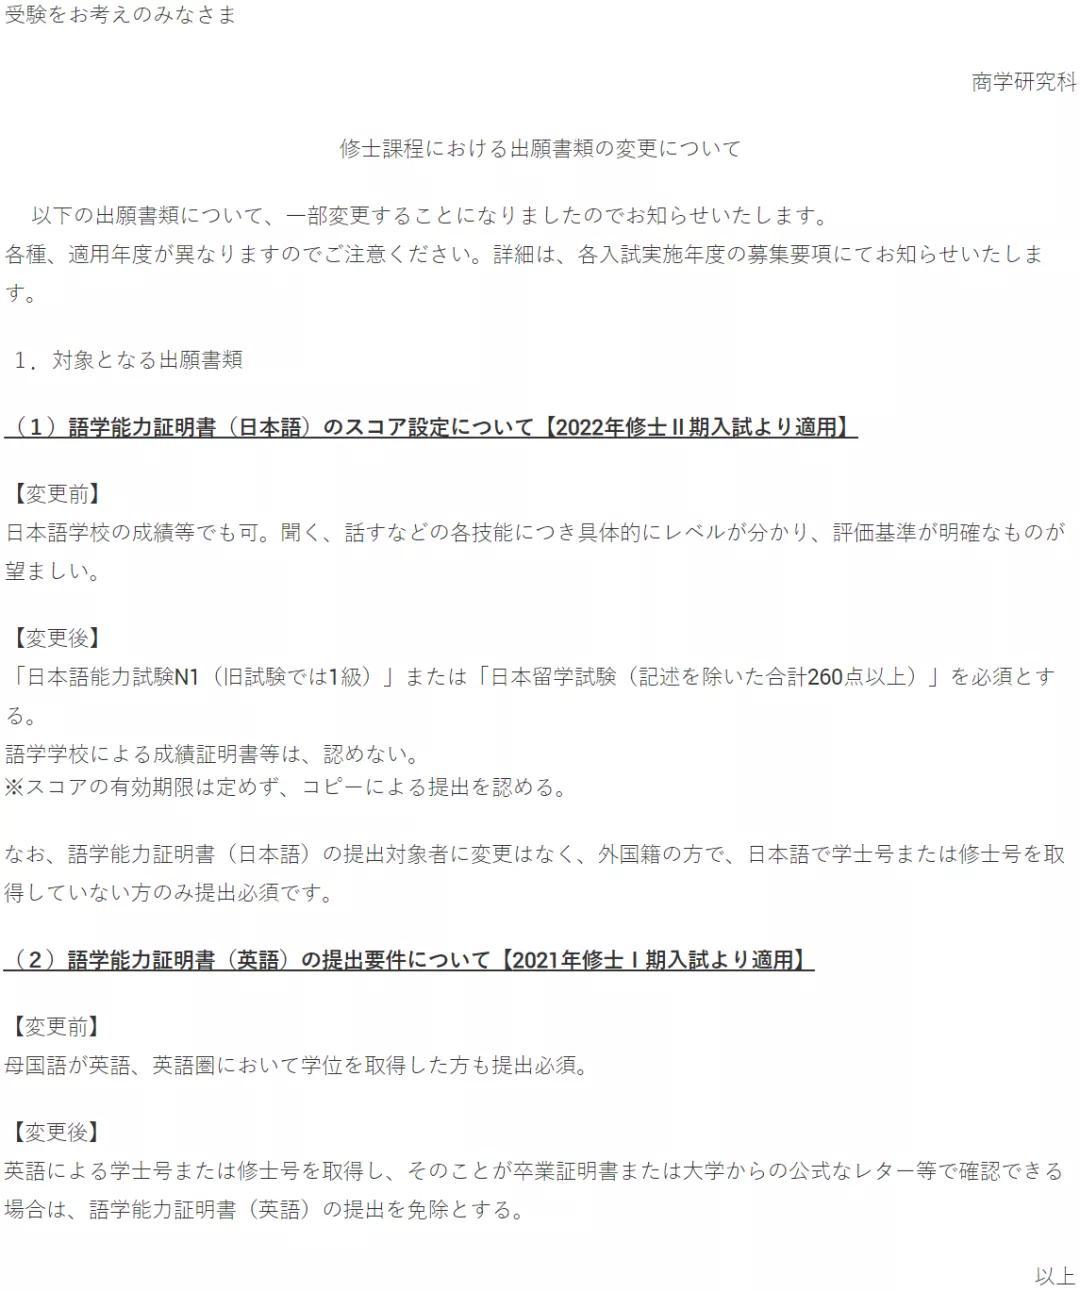 日本经济学TOP5院校出愿语言要求汇总&明年早大出愿变化